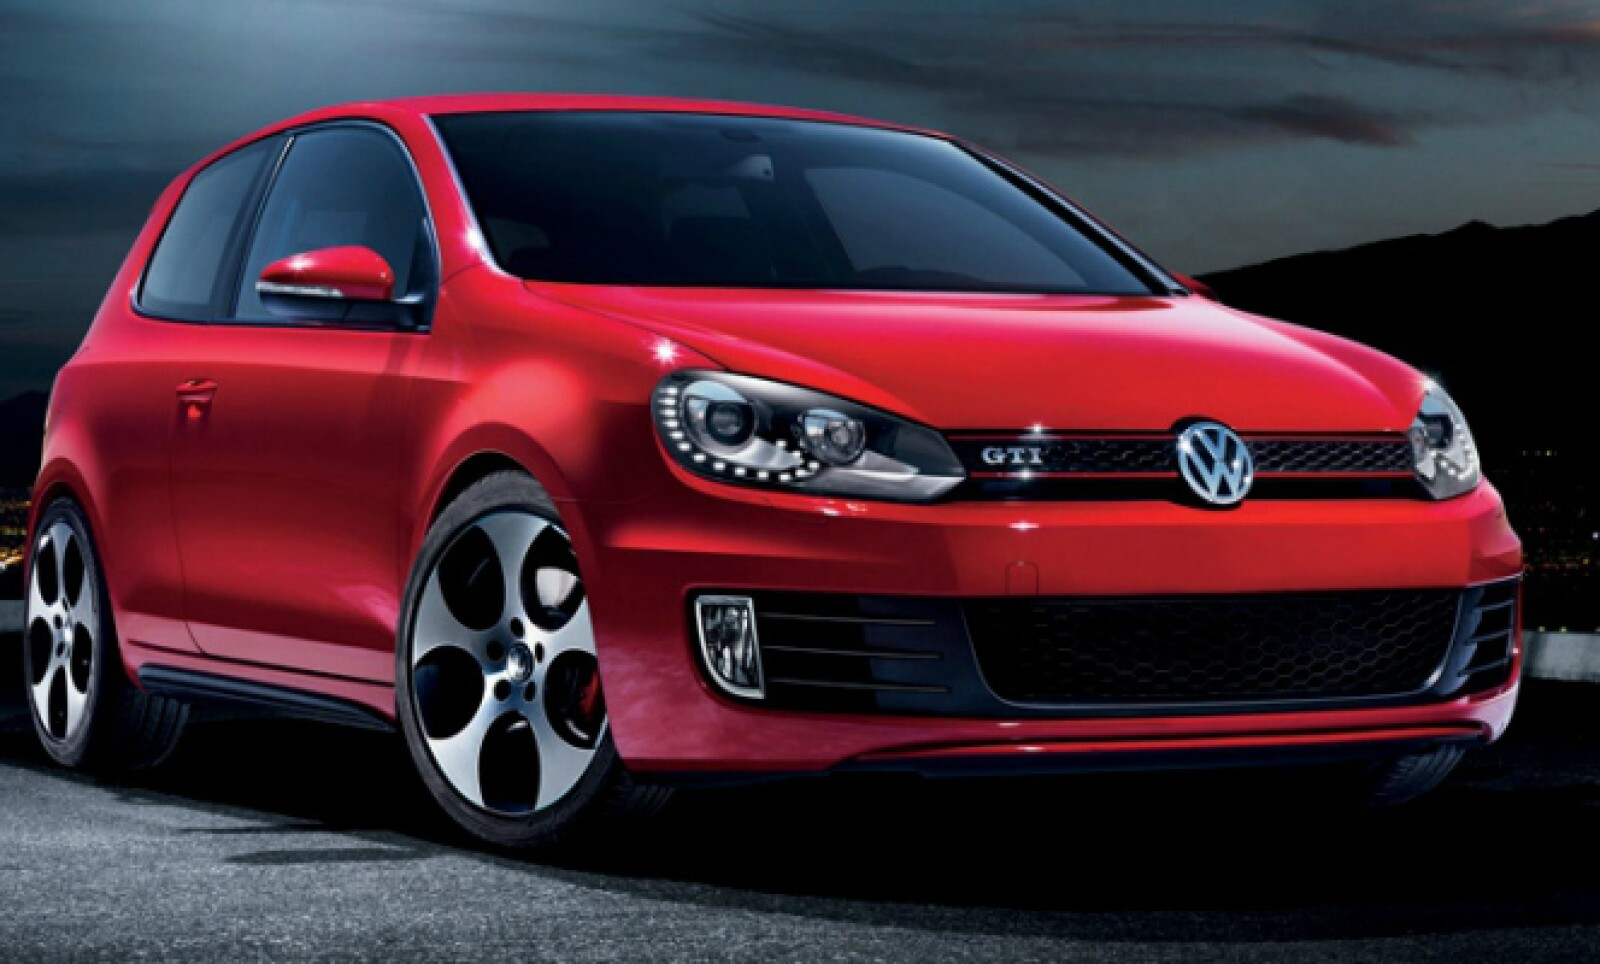 Volkswagen vendió 268 unidades de este vehículo, 43% menos que el año anterior.